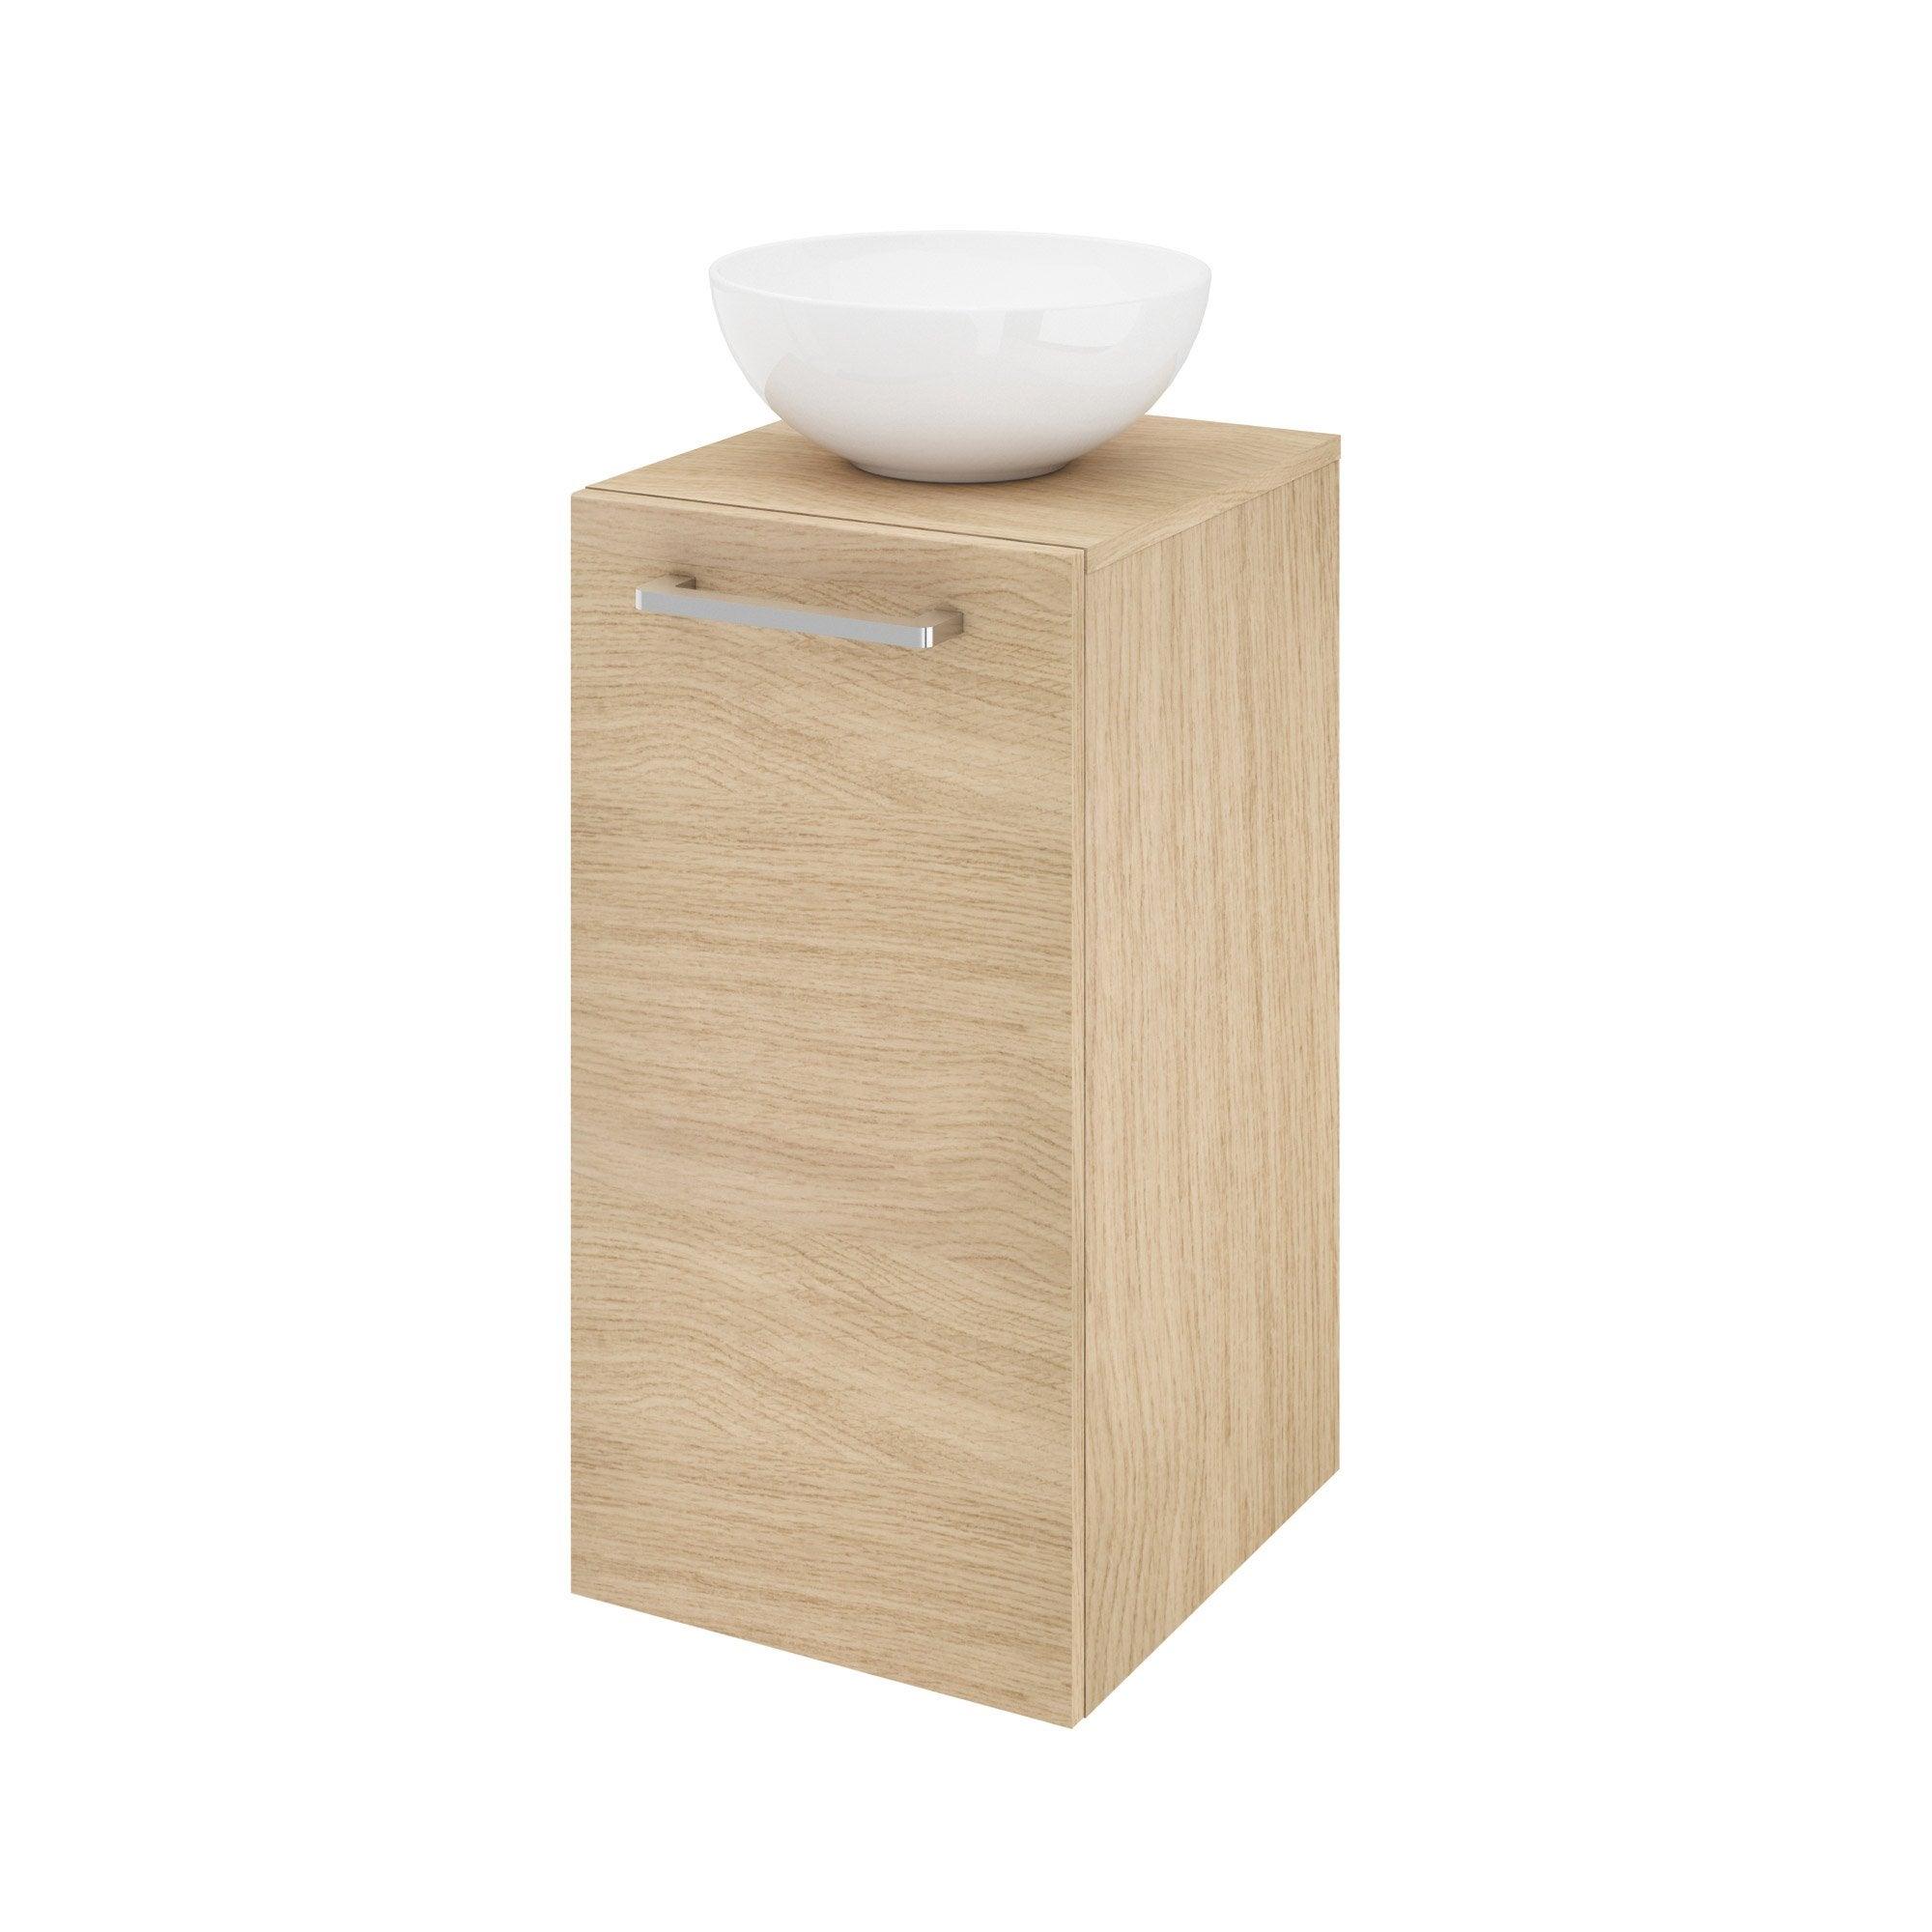 Meuble simple vasque à poser l.37 x H.70 x P.40 cm, effet chêne naturel, Easy